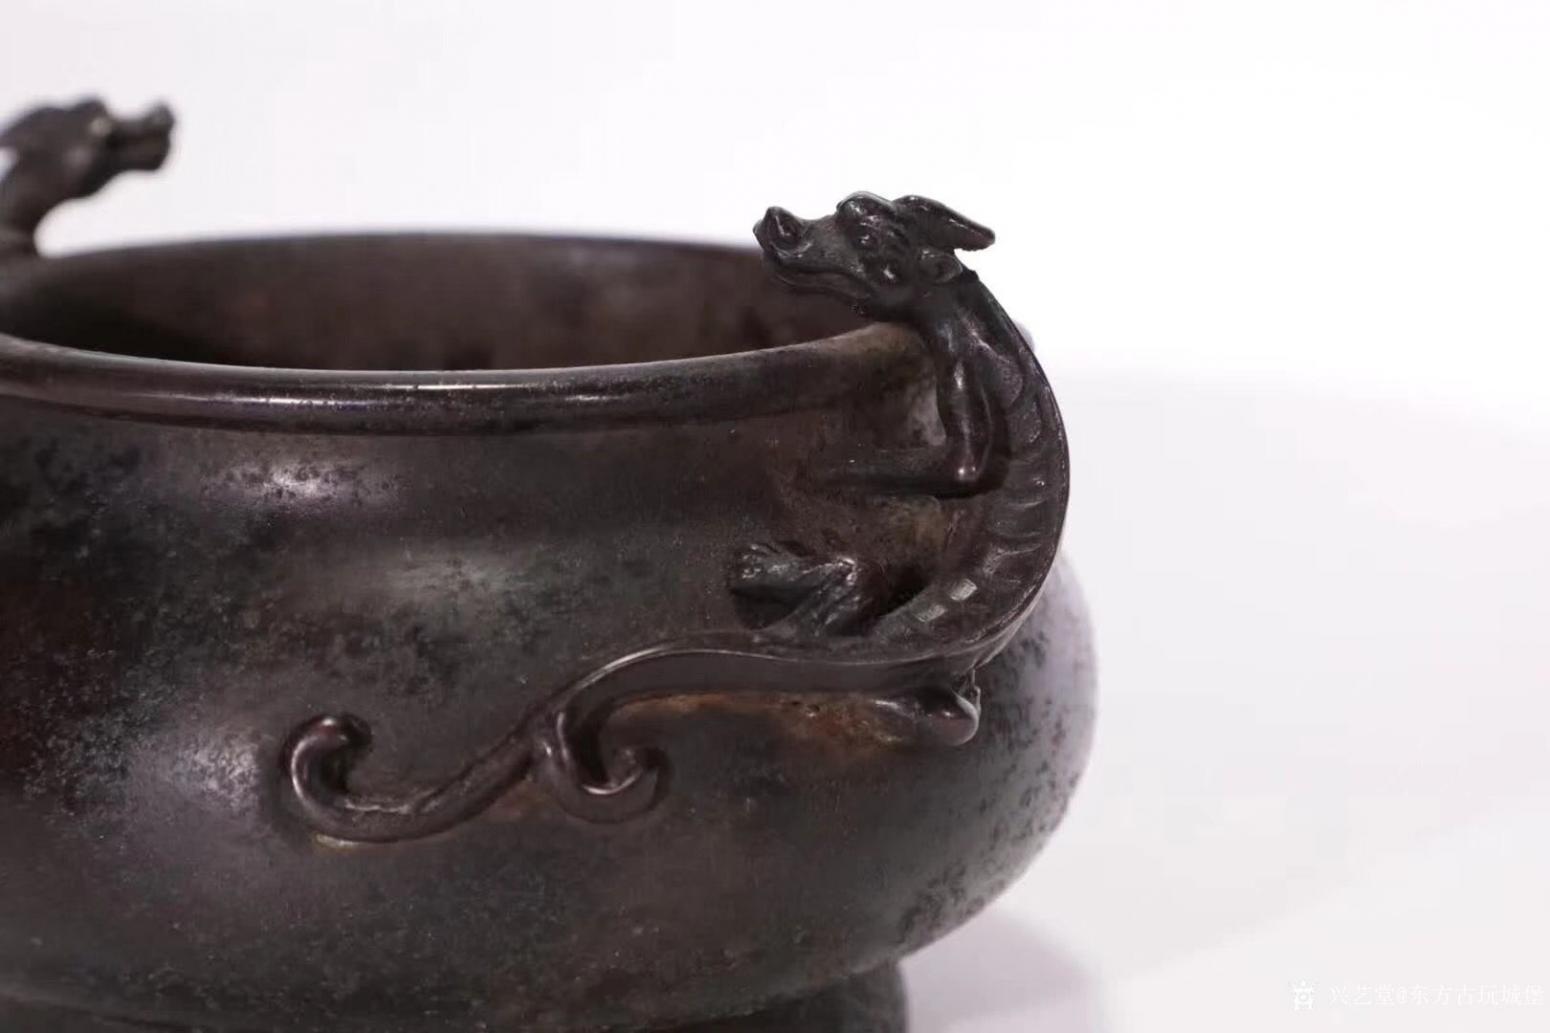 东方古玩城堡文玩杂项作品《双螭龙耳铜炉》【图4】